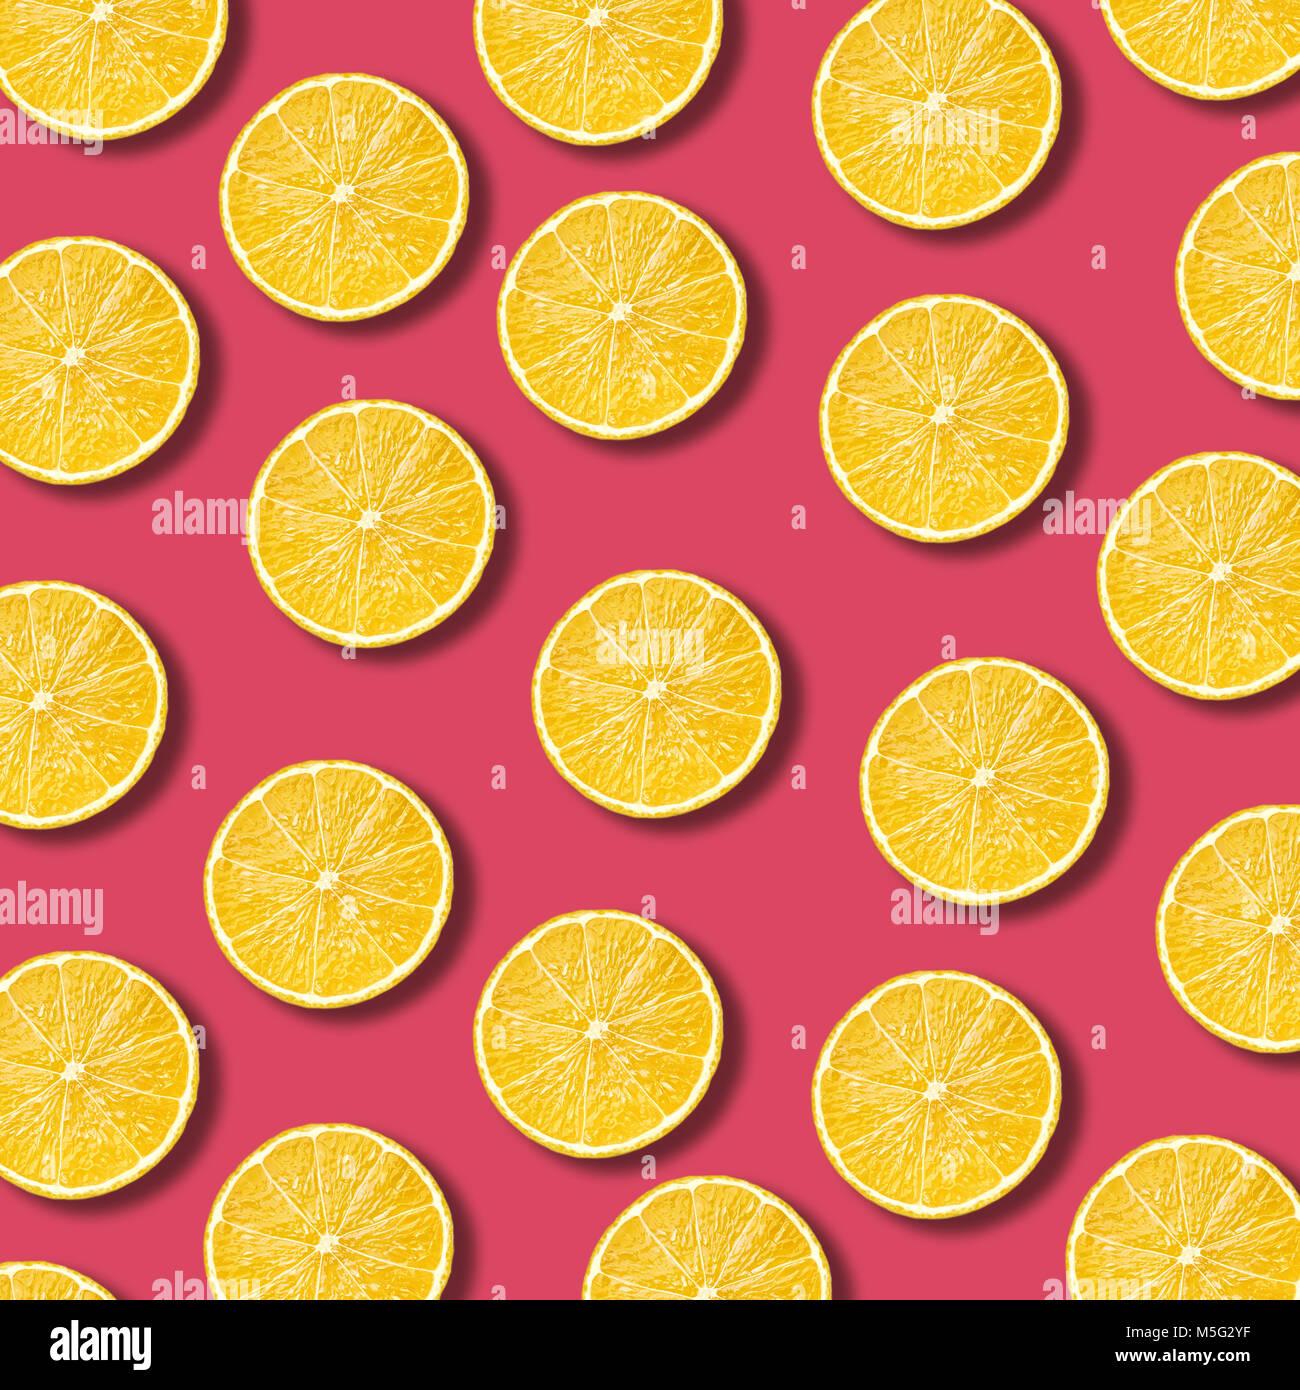 Rodajas de limón patrón en vibrante color granate de fondo. Textura Alimentos laicos fija mínima Imagen De Stock